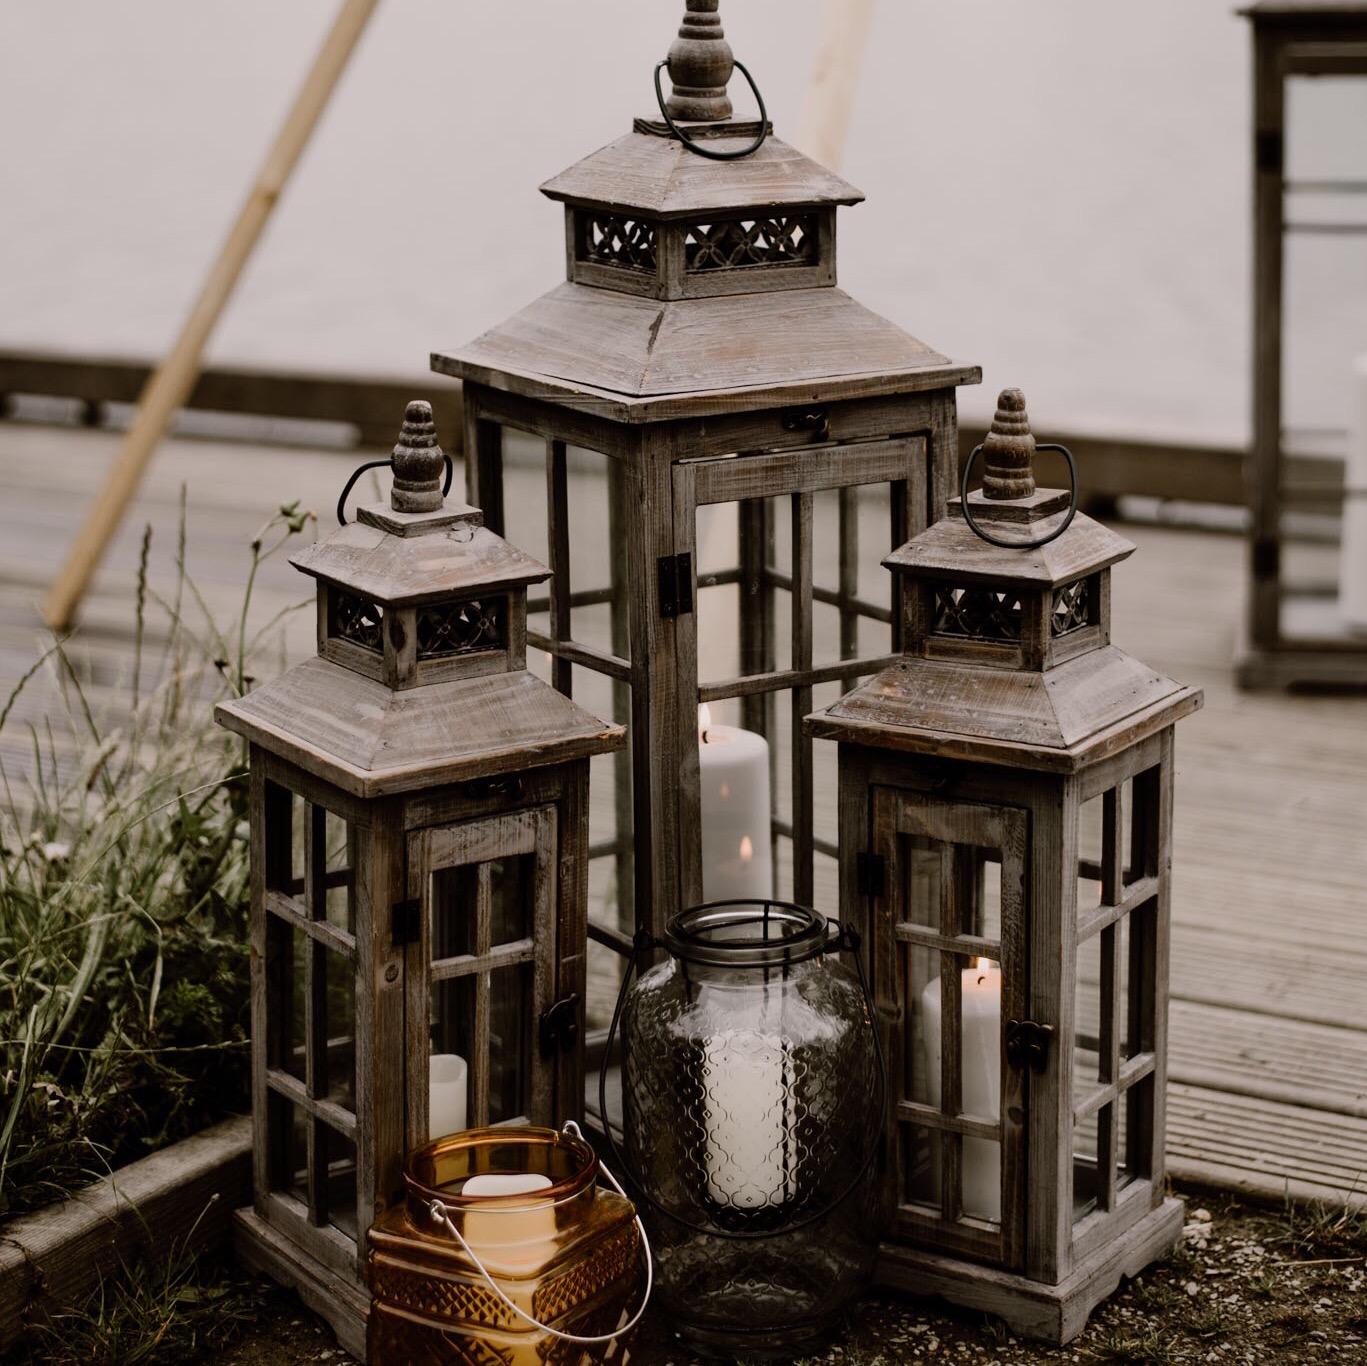 Lanterne MM